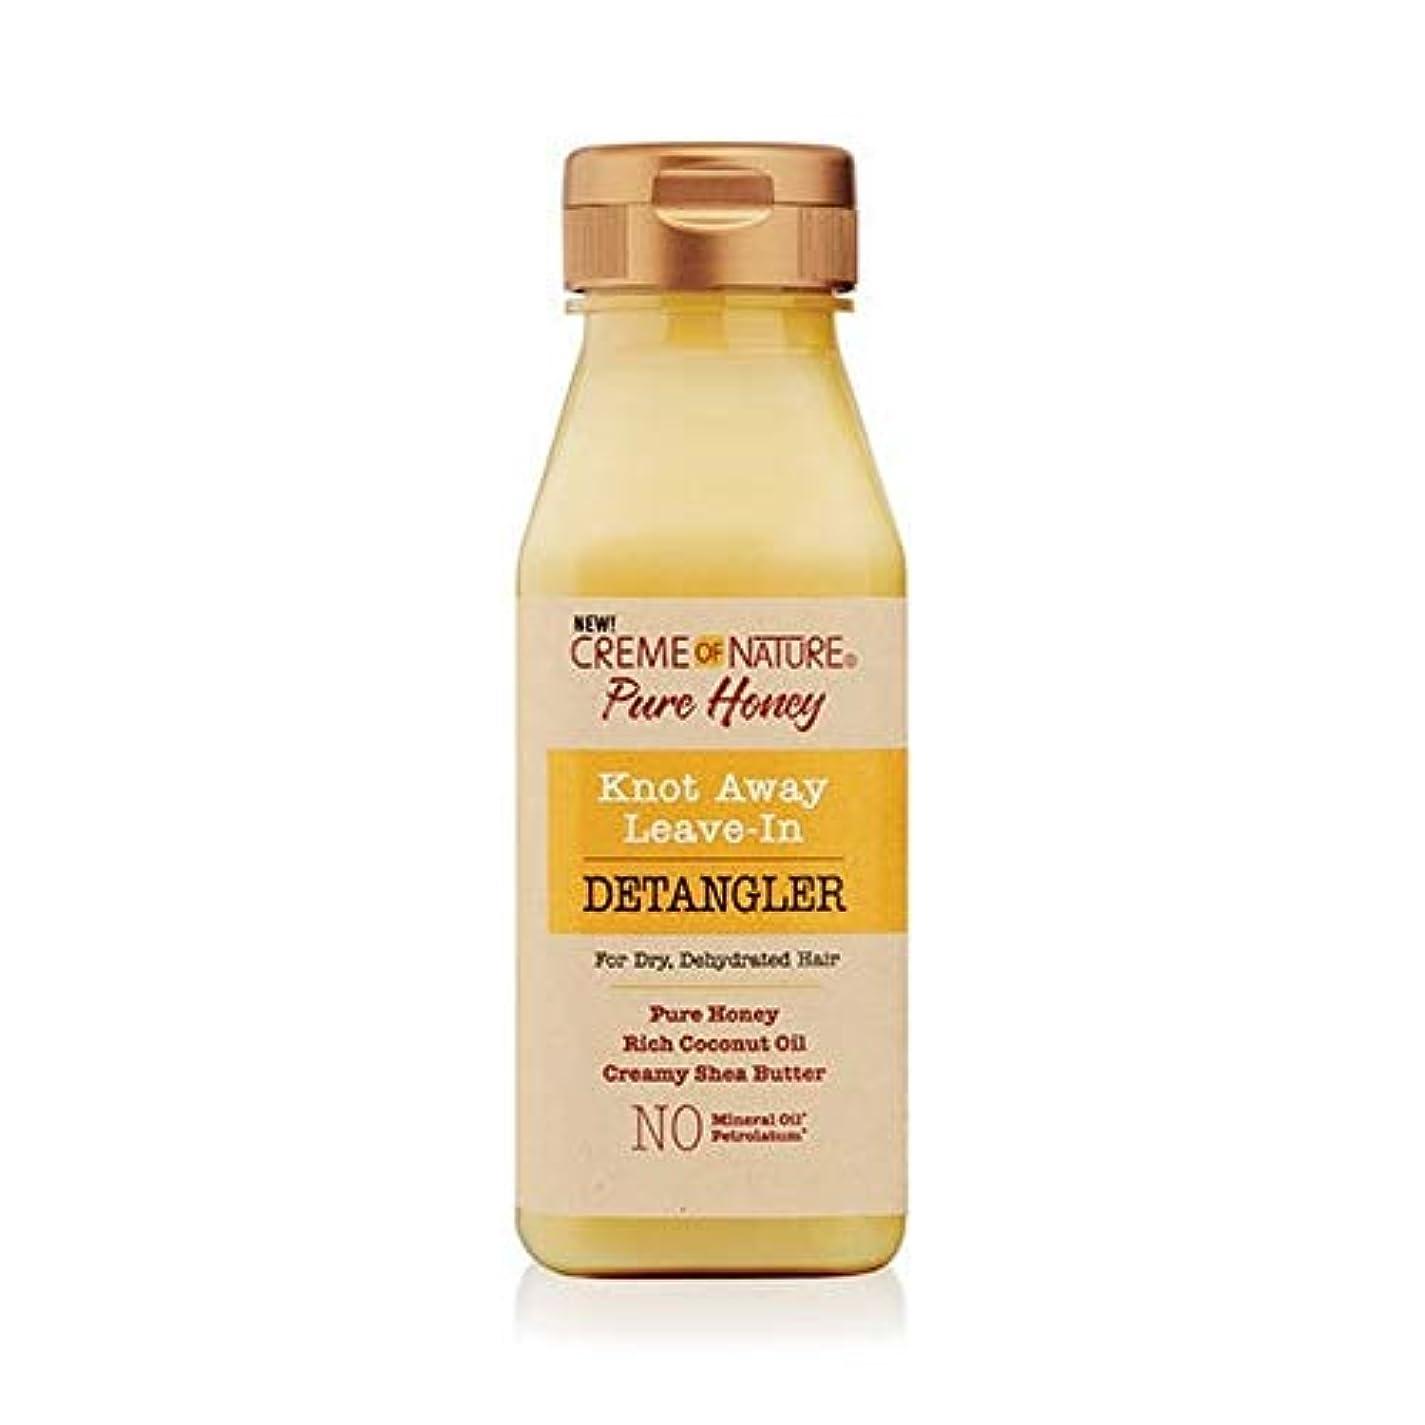 着るゴネリルチャネル[Creme of Nature ] 自然の純粋な蜂蜜の結び目のクリームは離れDetanglerに残します - Creme of Nature Pure Honey Knot Away Leave in Detangler...